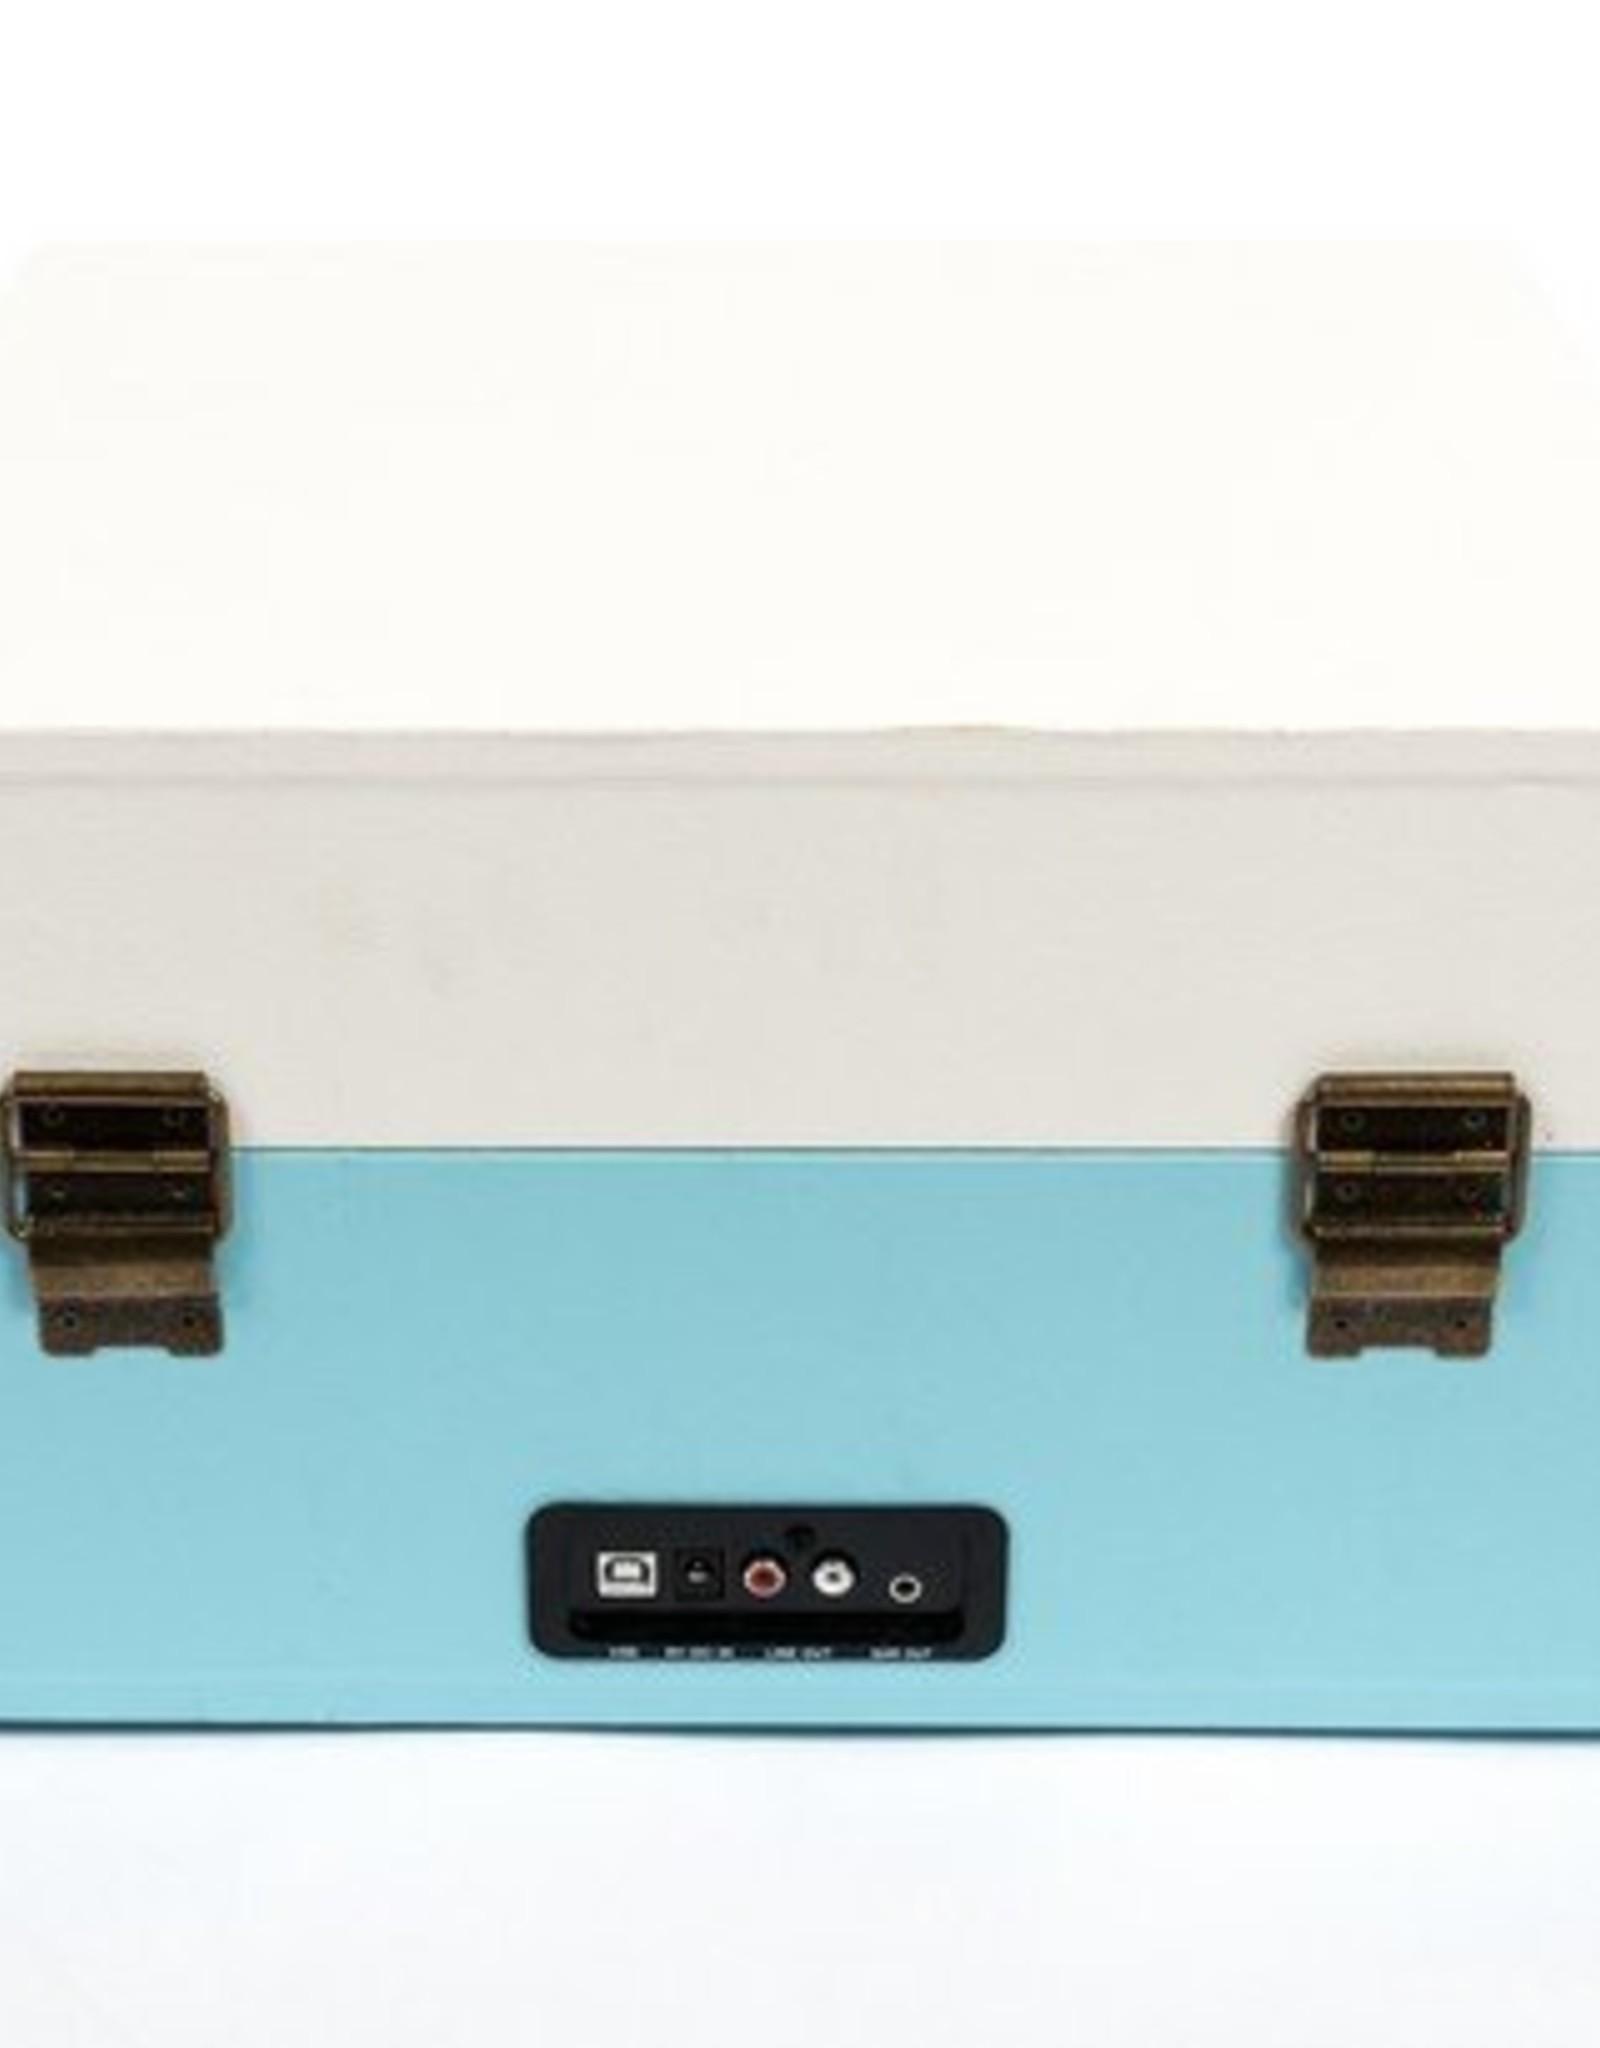 GPO GPO Kofferplatenspeler op pootjes - blauw